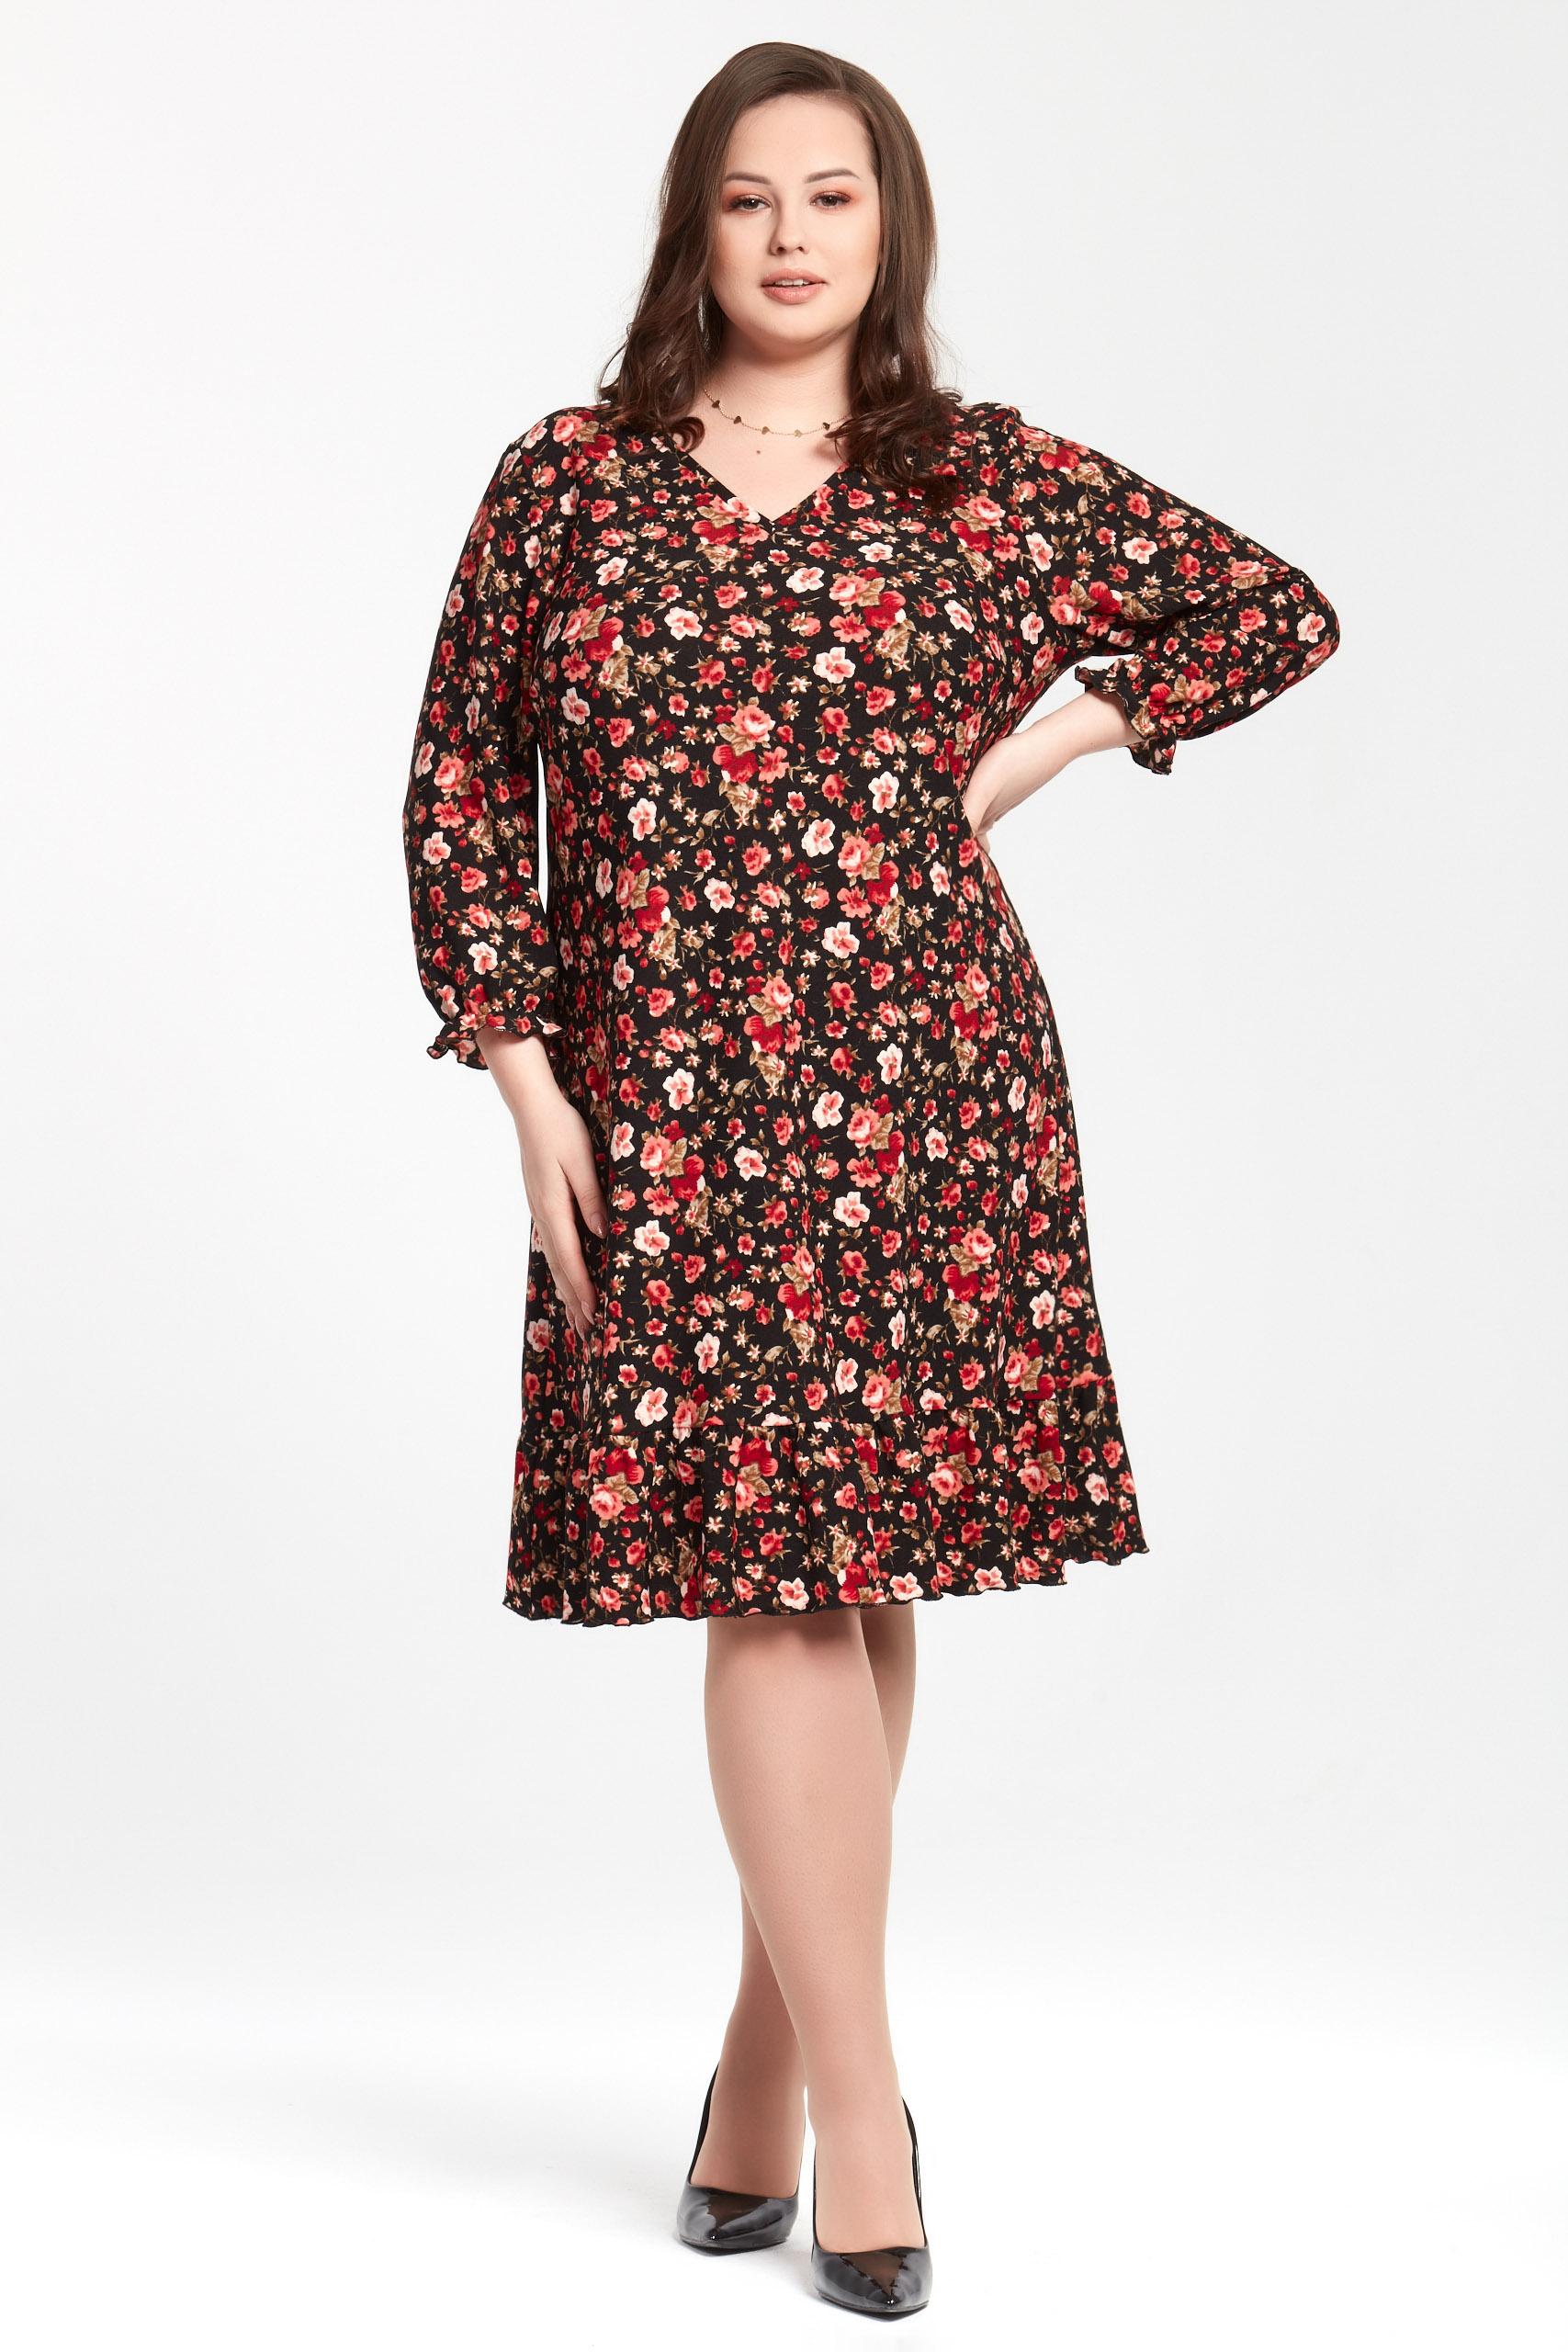 Sukienki Plus Size dla Puszystych. Modne Duże Rozmiary XXL